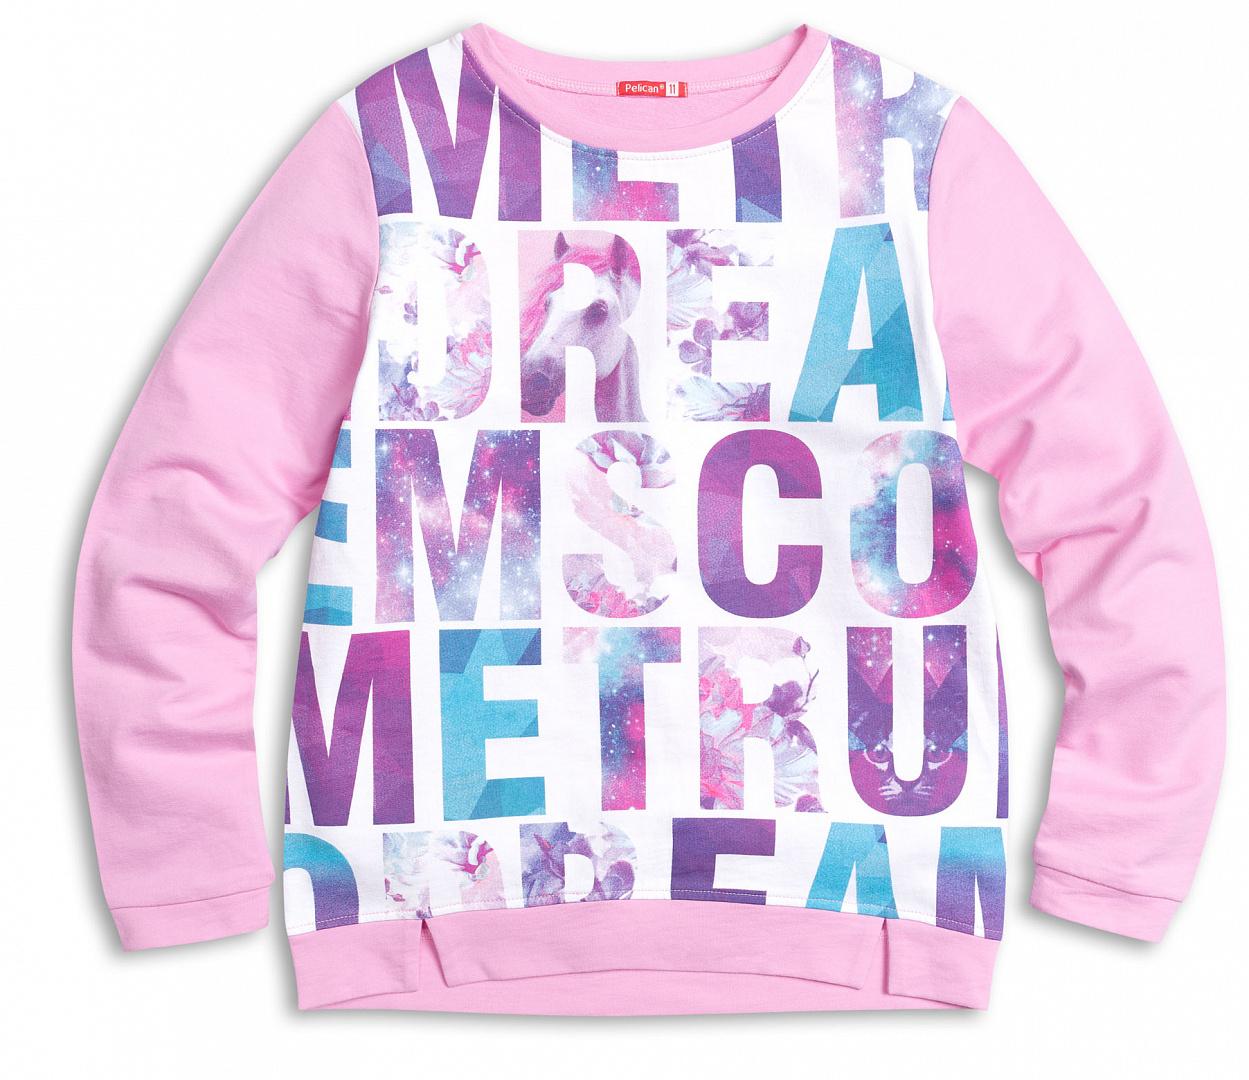 Джемпер для девочки Pelican GFN4014 Розовый р.116, Детские джемперы, кардиганы, свитшоты  - купить со скидкой